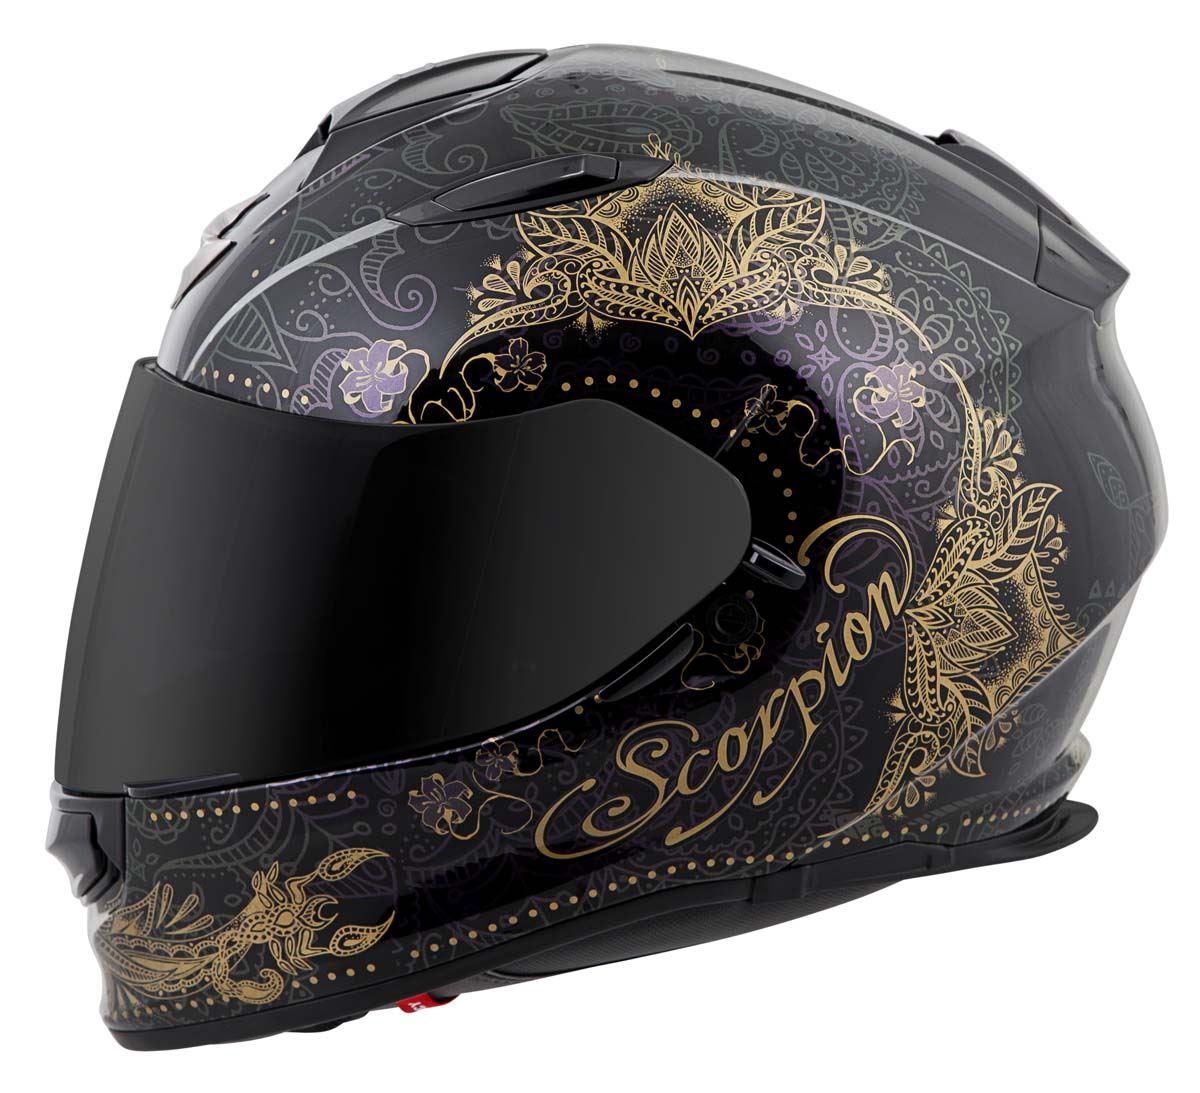 Scorpion-EXO-T510-Helmet-Full-Face-DOT-Approved-Inner-Sun-Shield miniature 63